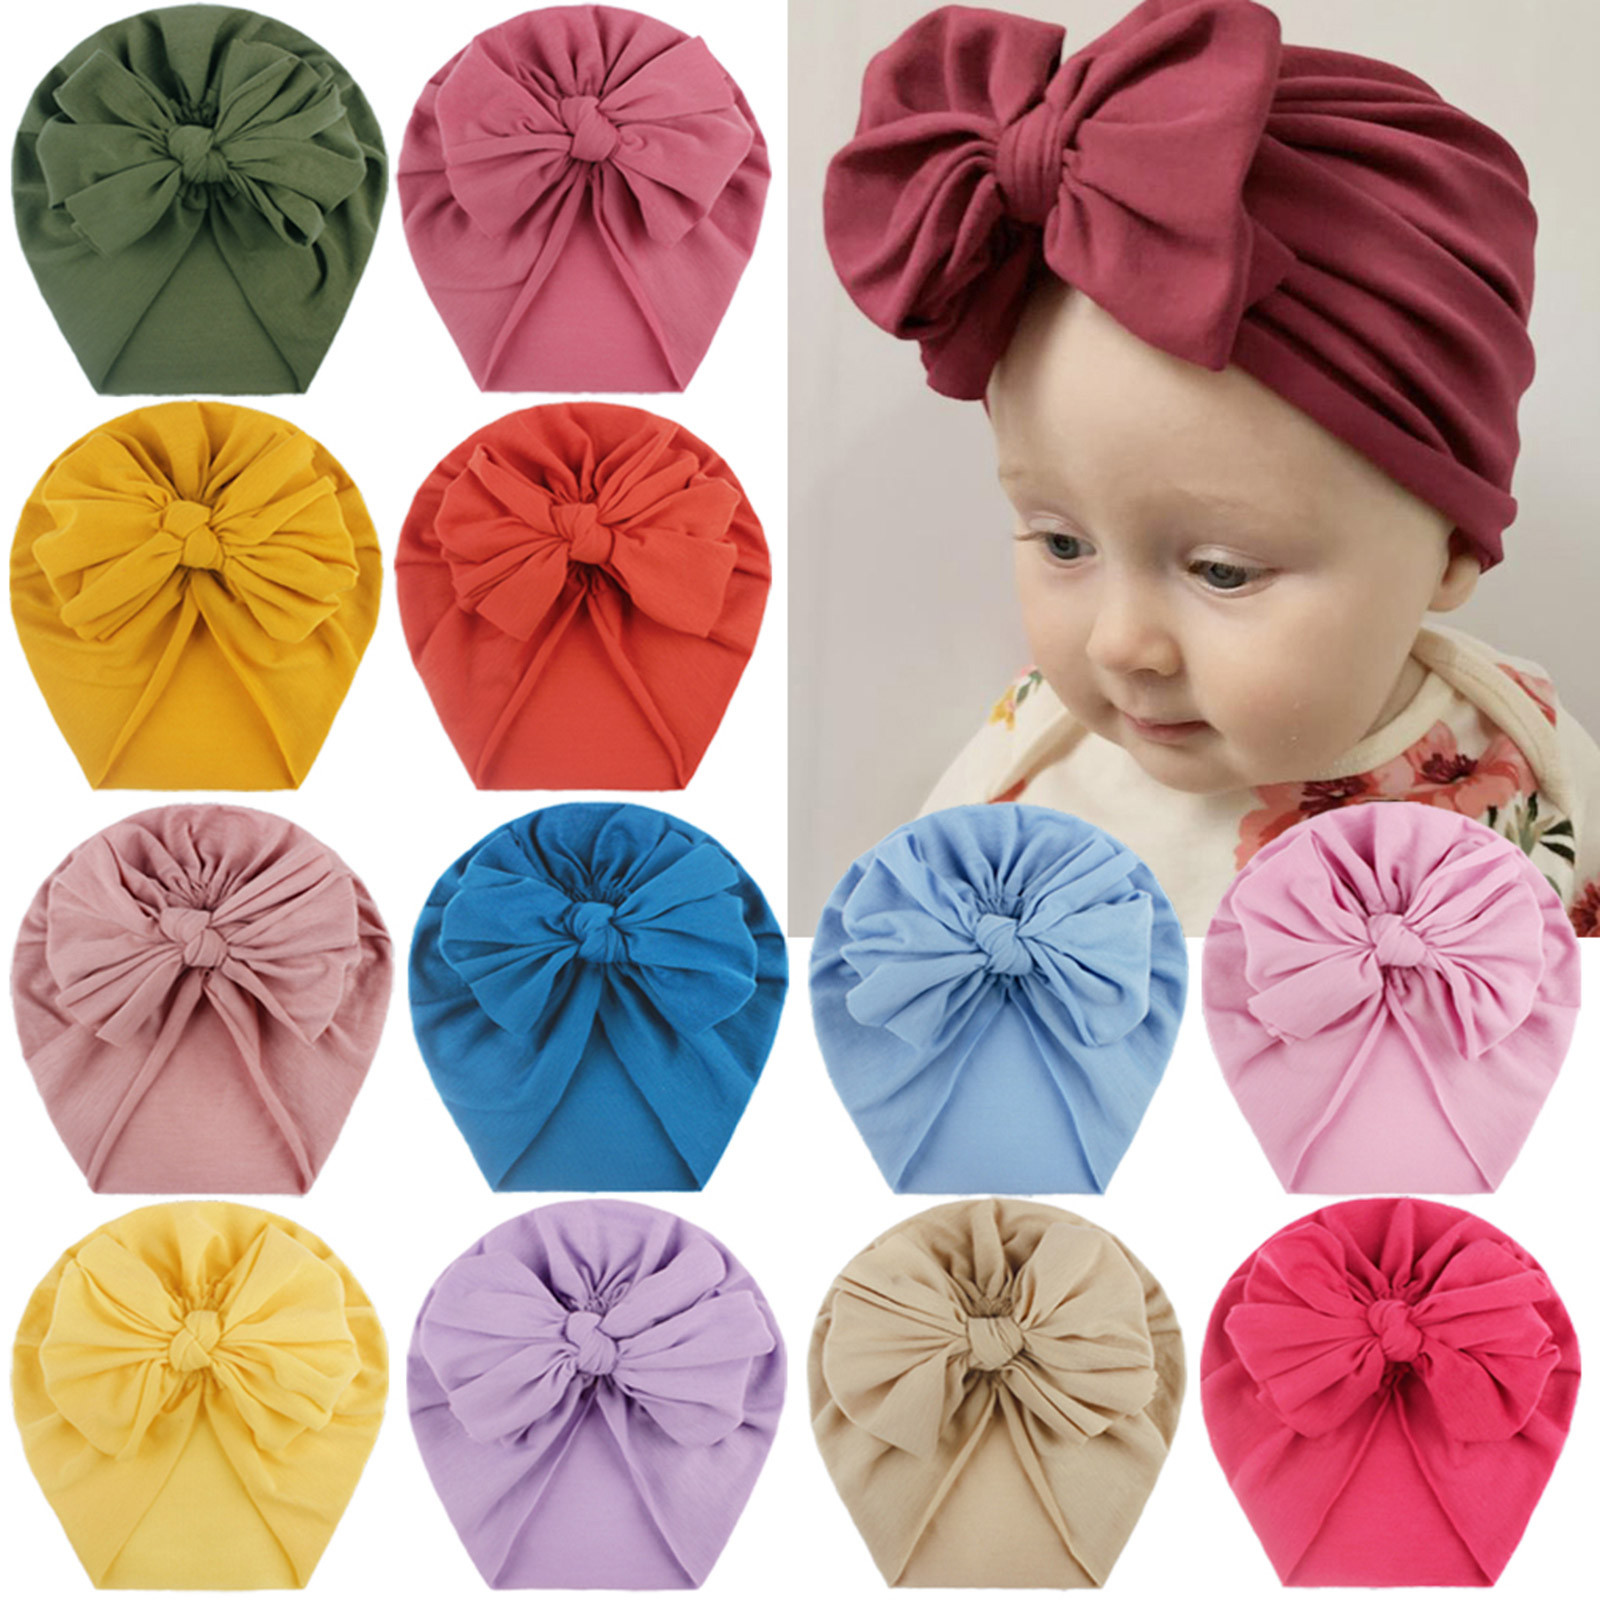 Для маленьких детей; Повязка на голову для маленьких мальчиков и девочек, однотонная, с бантом узлом шапка головной убор аксессуары для ново...